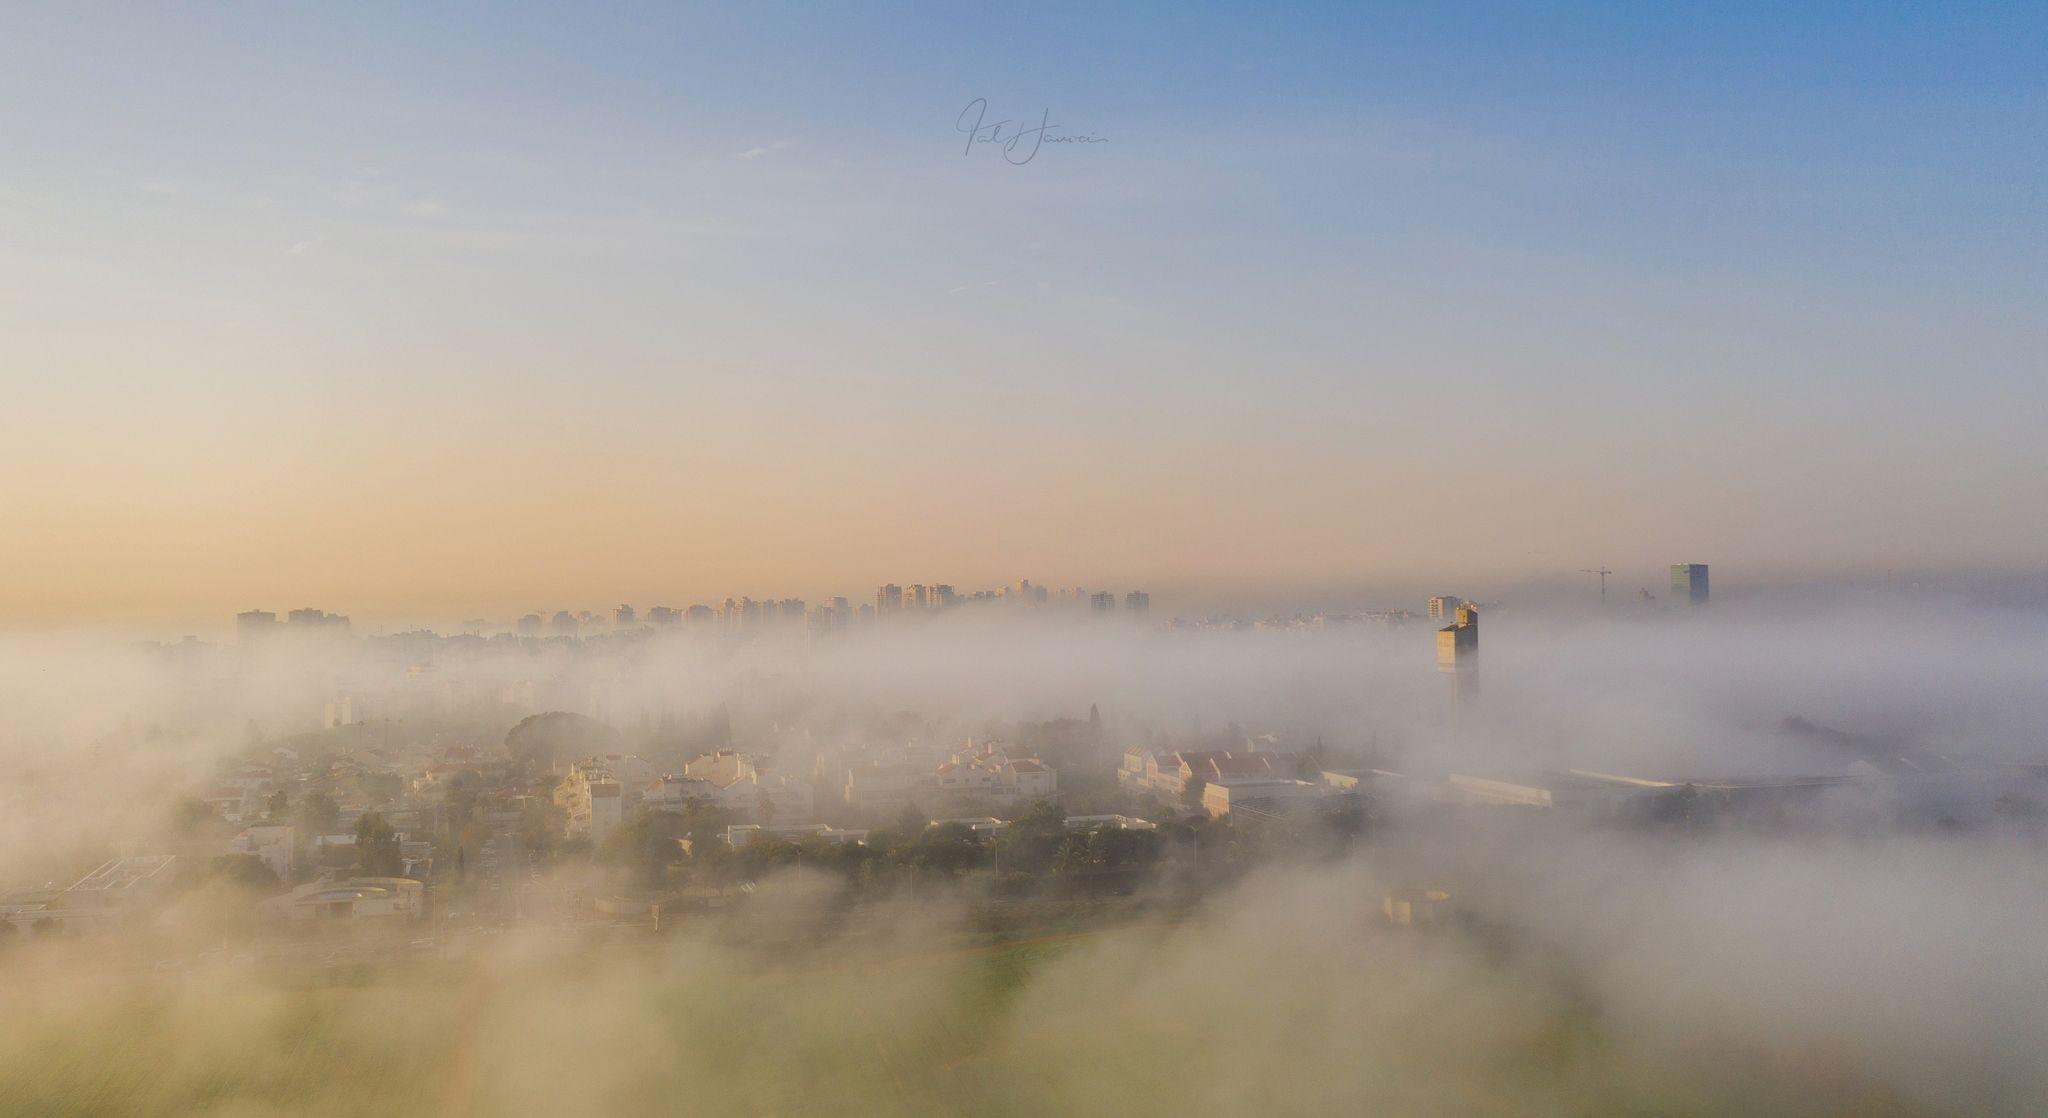 לא רואים ממטר בכפר סבא: הערפל כיסה את העיר, צפו בתמונות המרהיבות של טל חנוכי